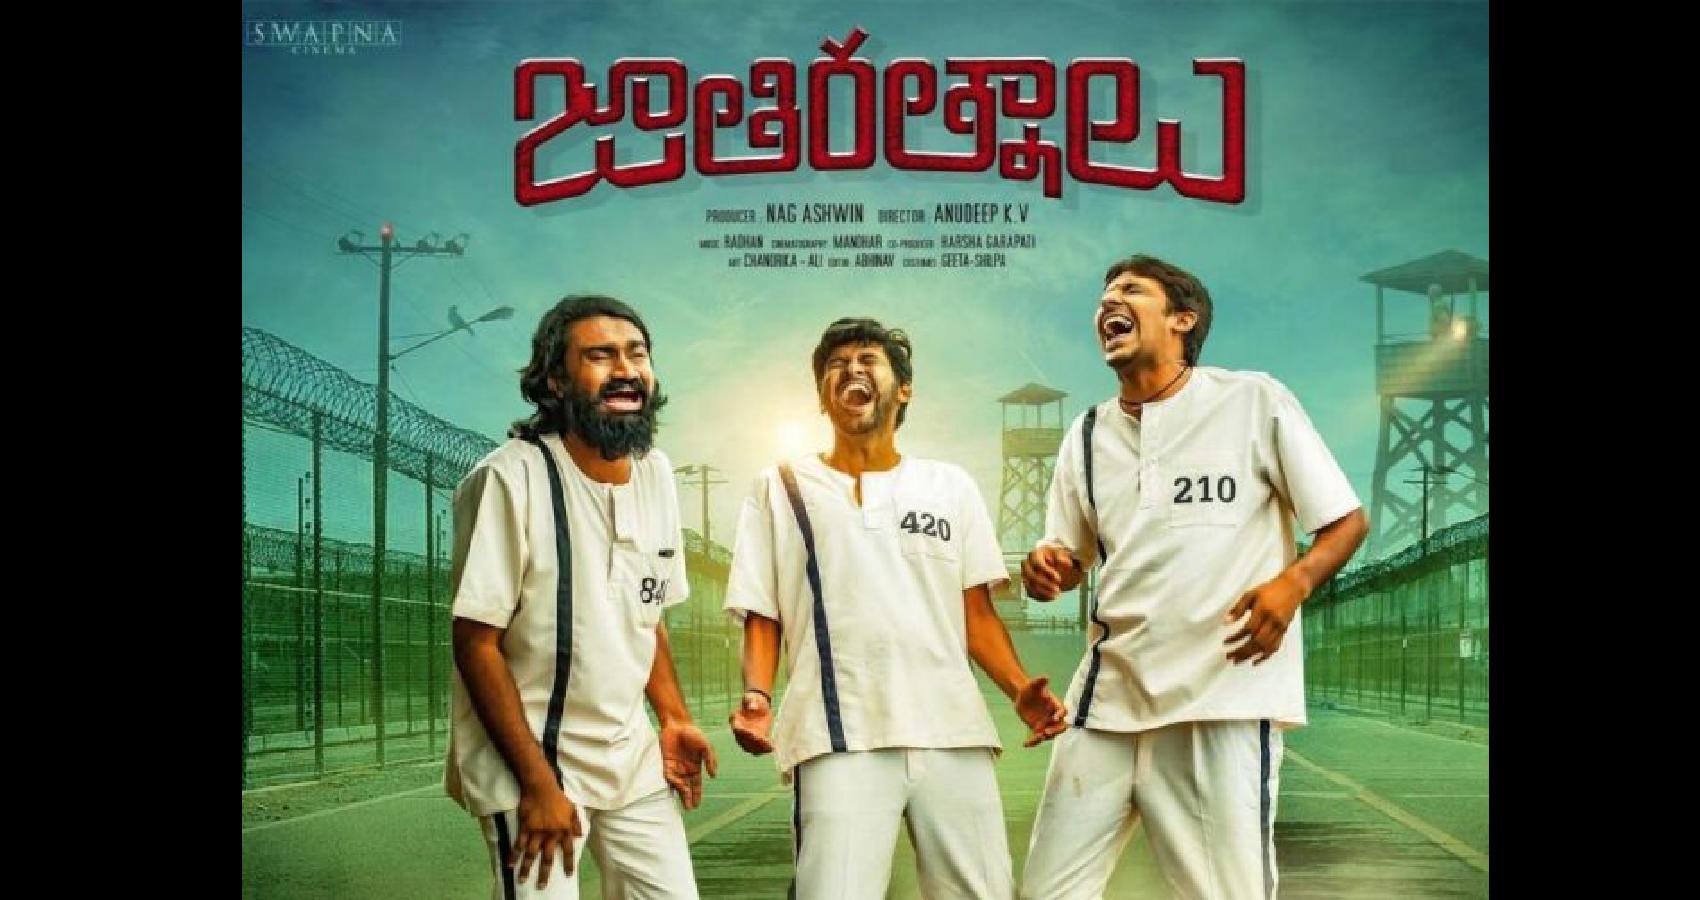 Telugu Movie 'Jathi Ratnalu' Scores Big In US Market